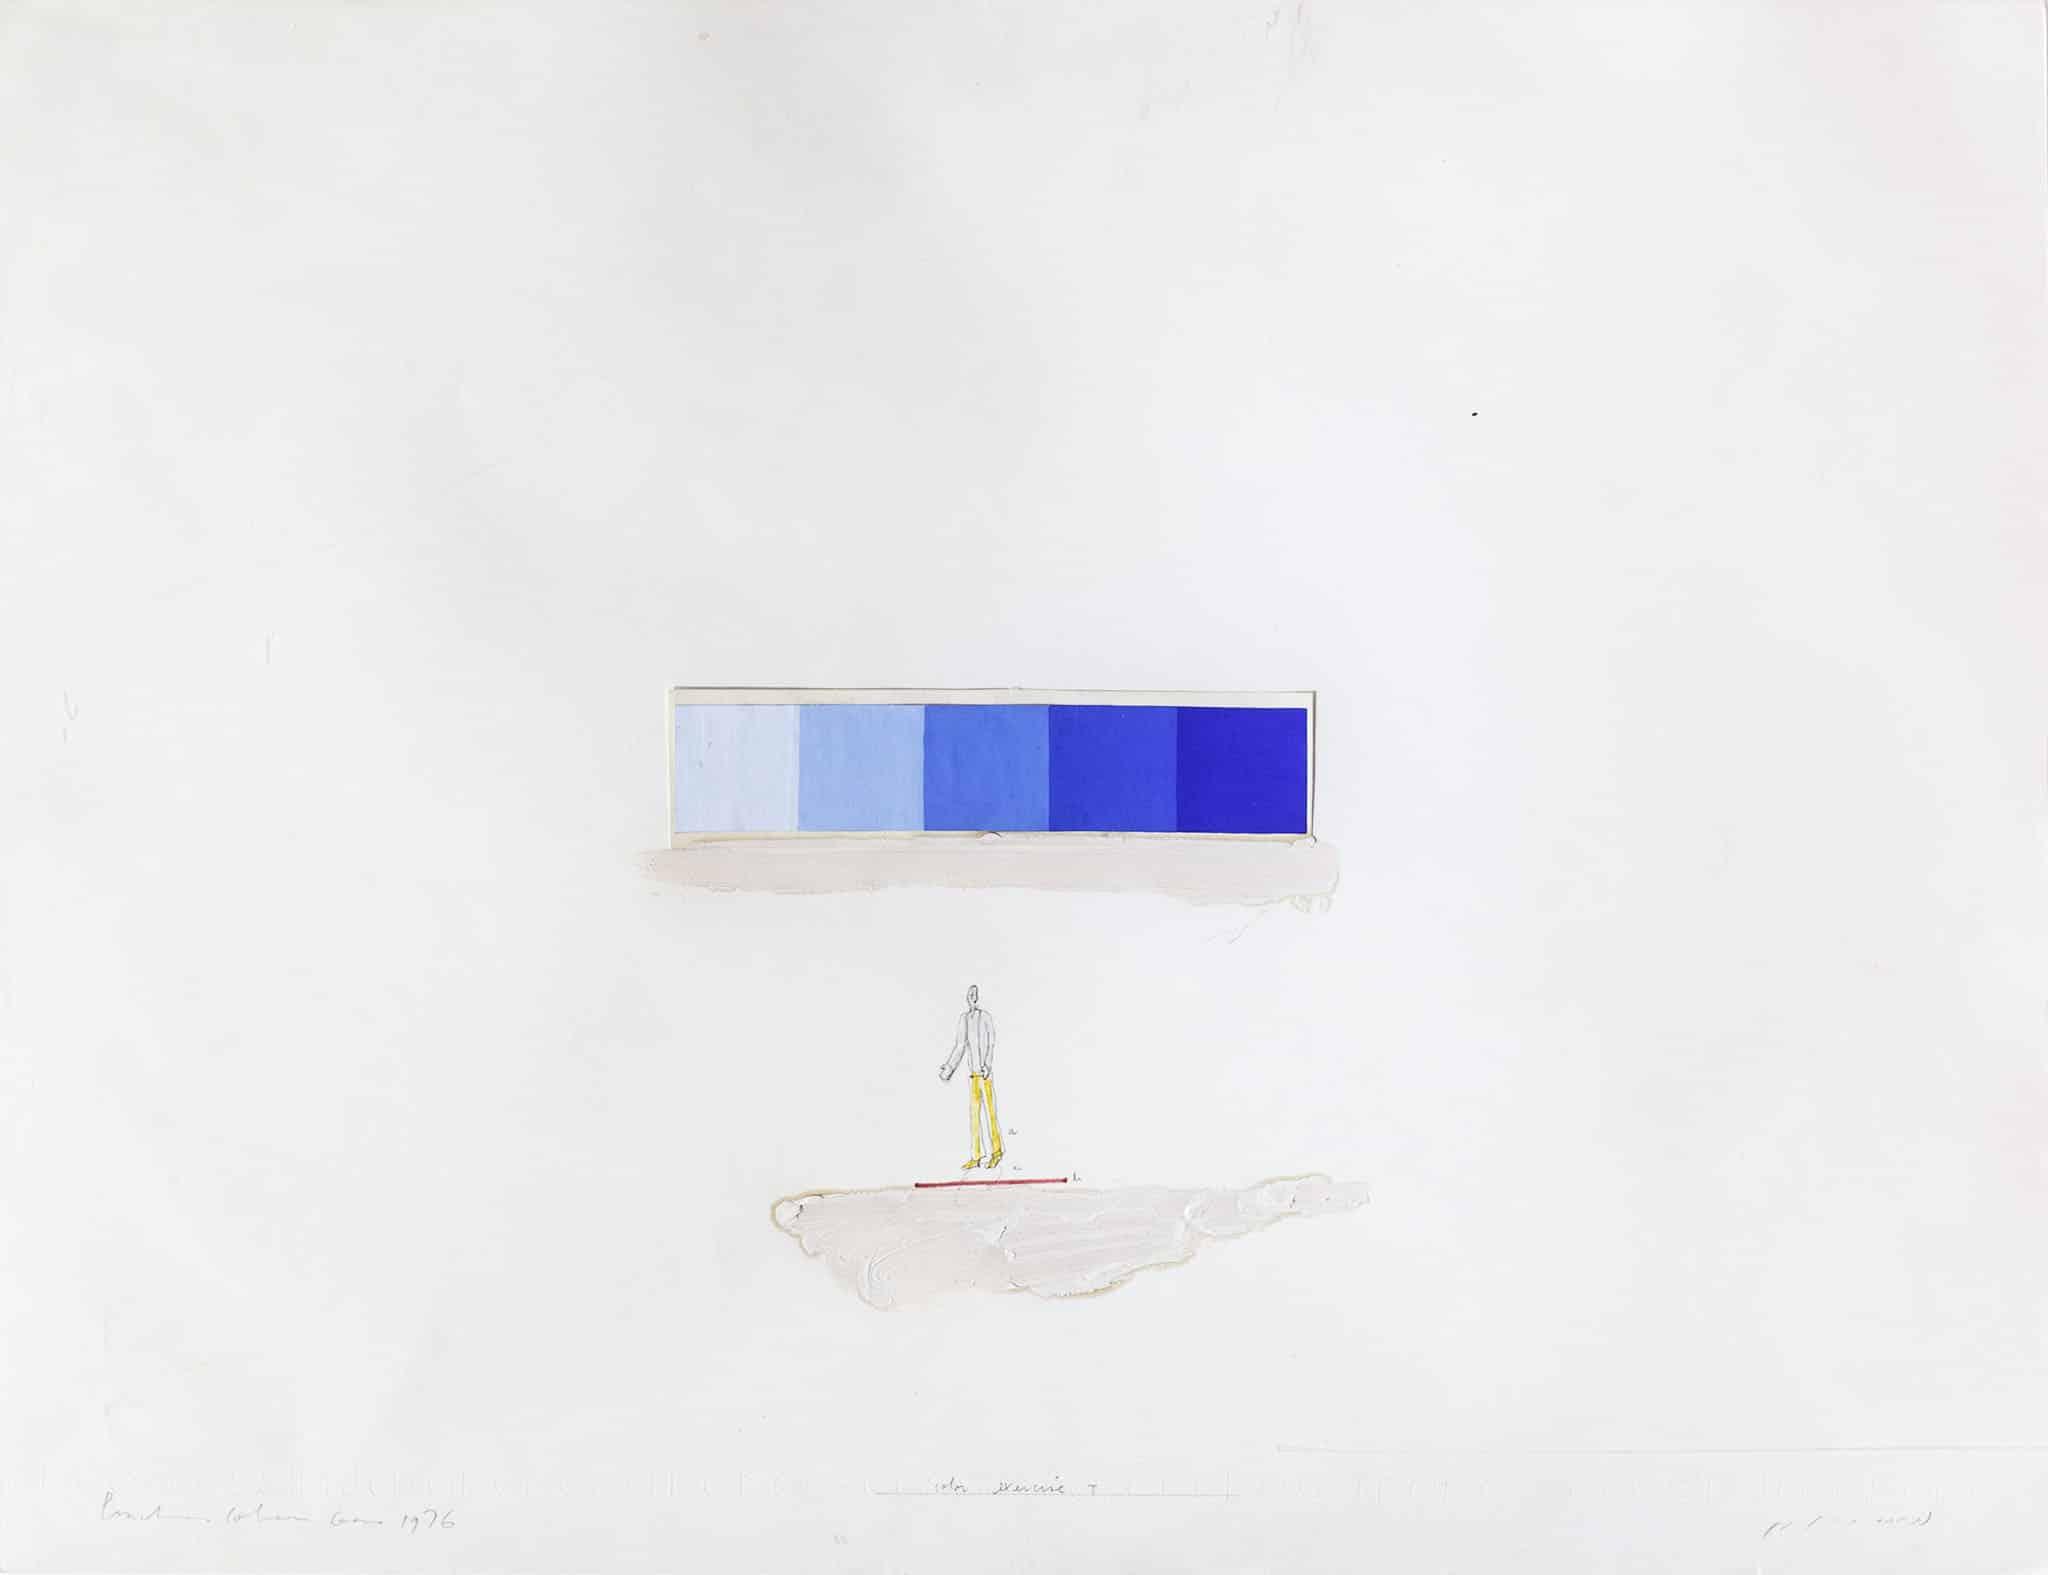 """פנחס כהן גן, """"בחינת צבעים T"""", 1976, שמן, קולאז' וטכניקה מעורבת על נייר, 65x50 ס""""מ"""